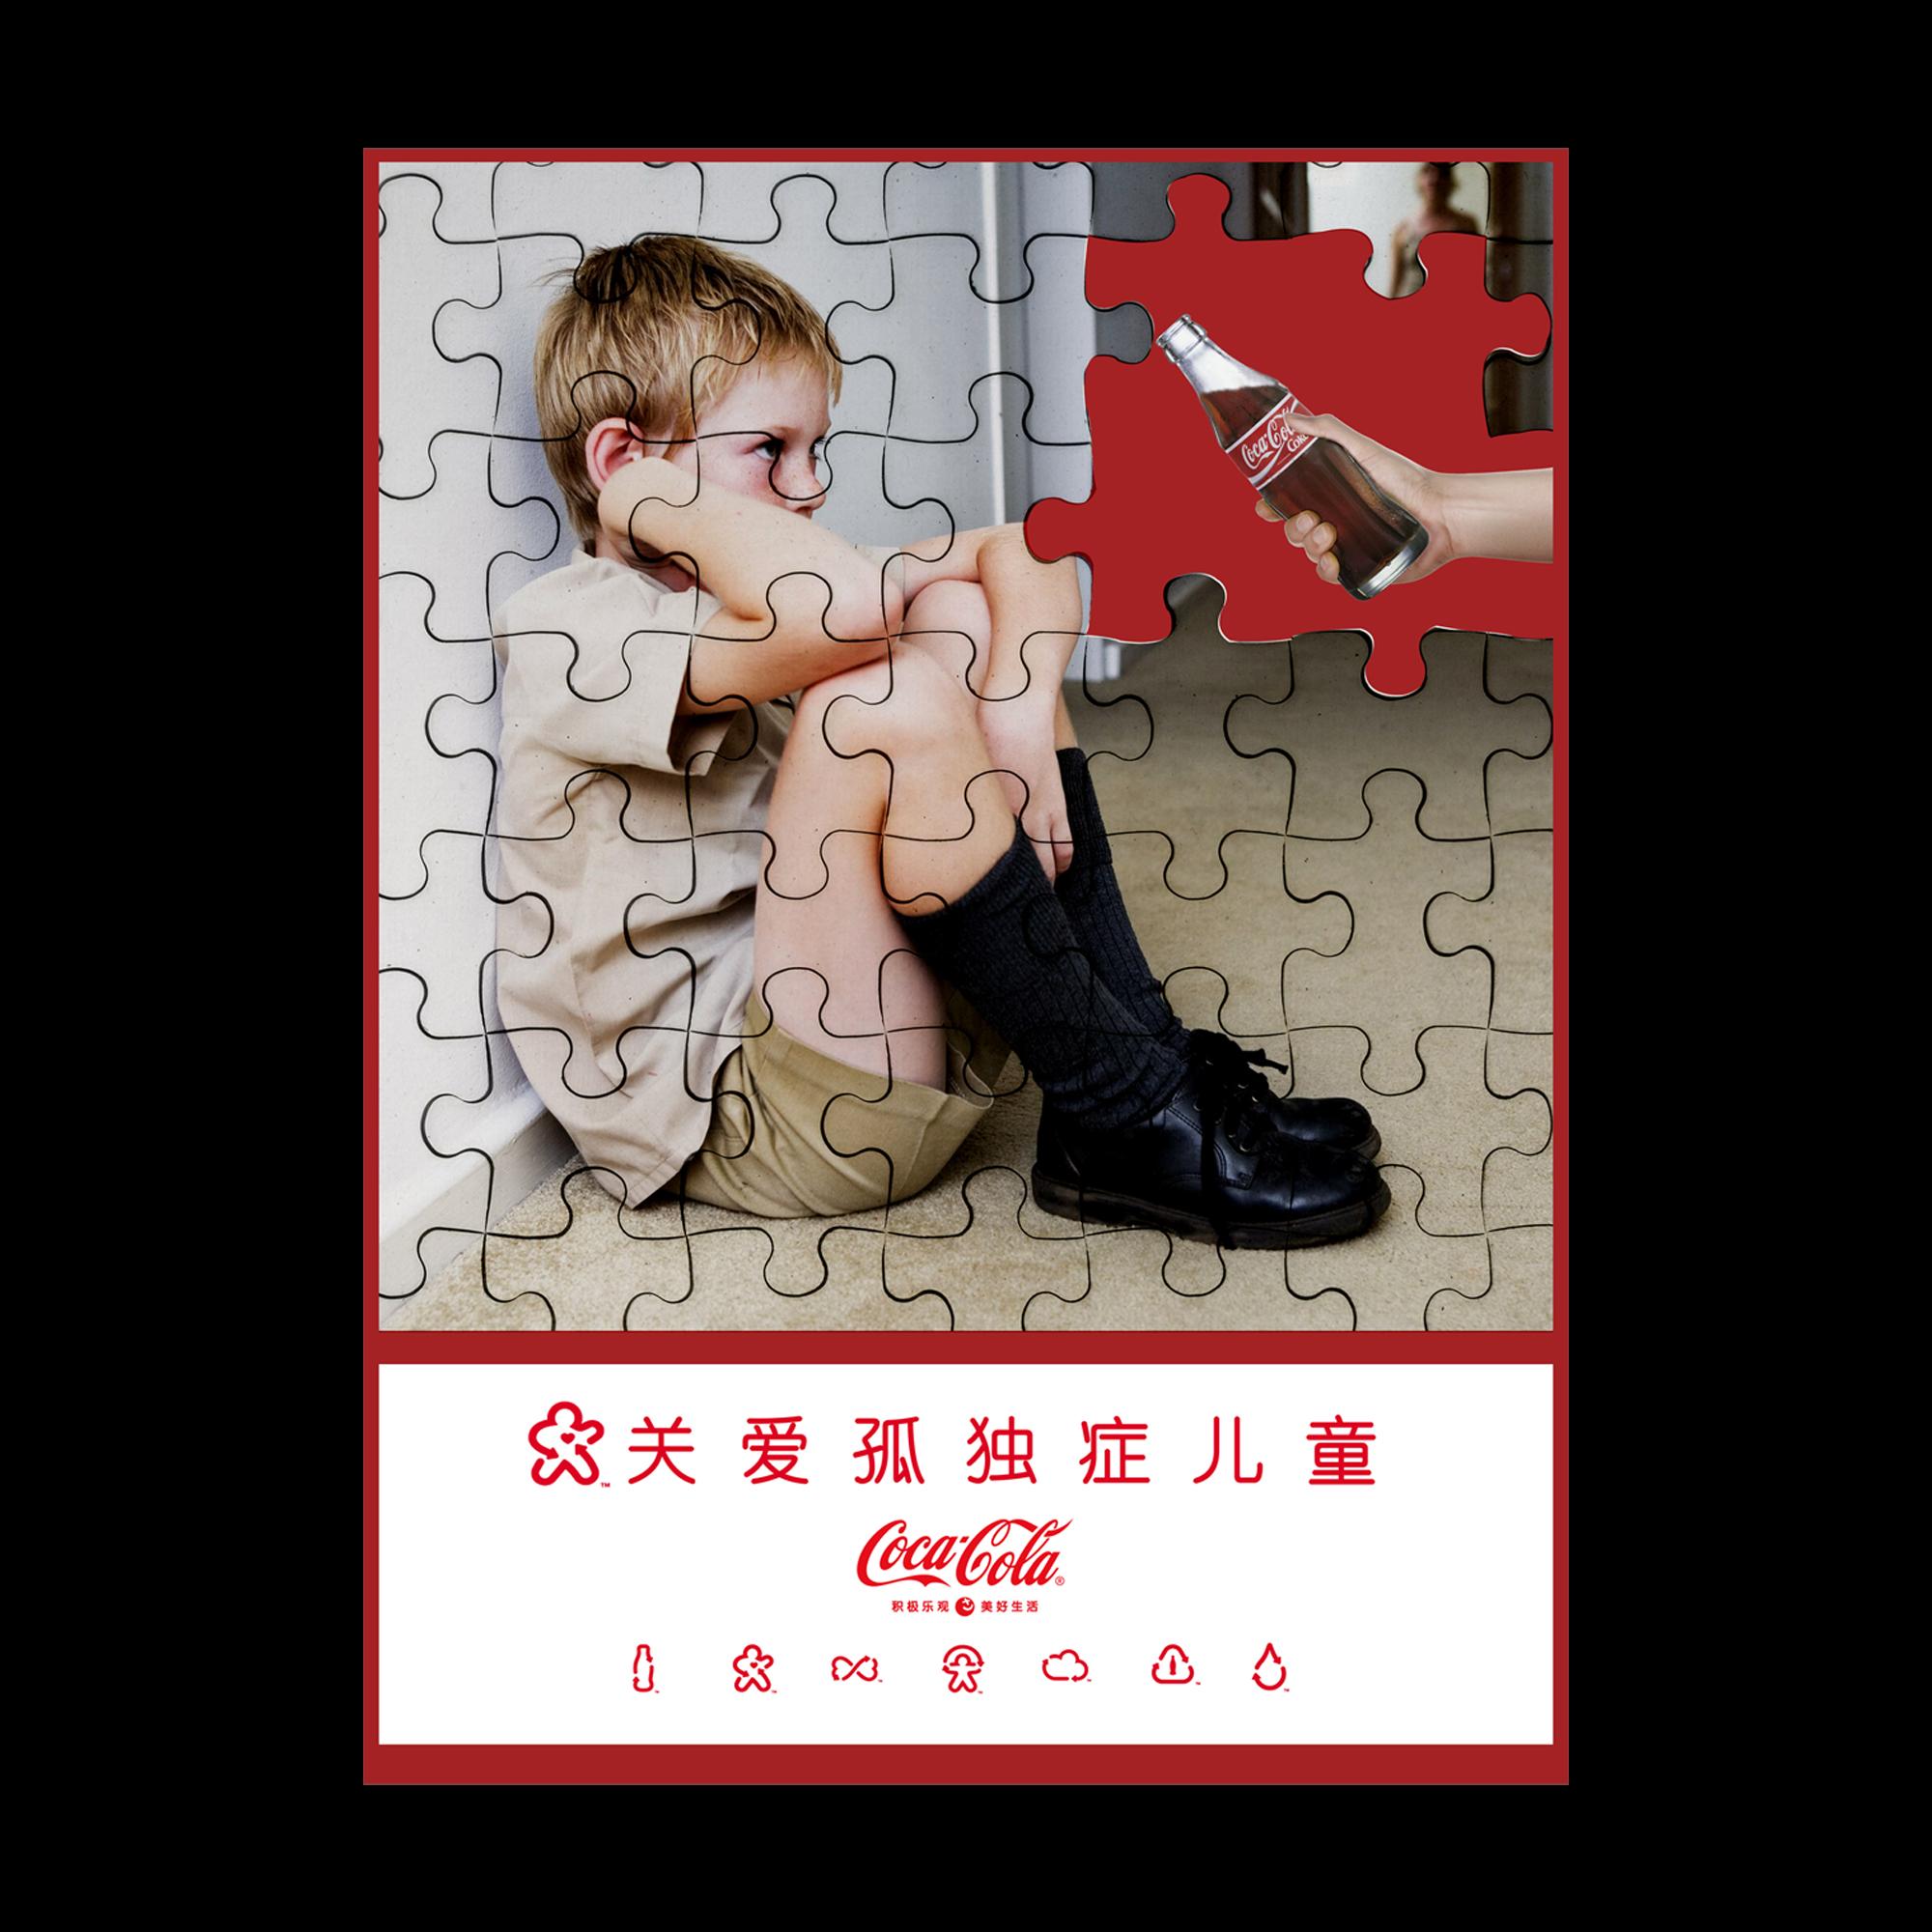 可口可乐公益广告-关爱孤独症儿童n